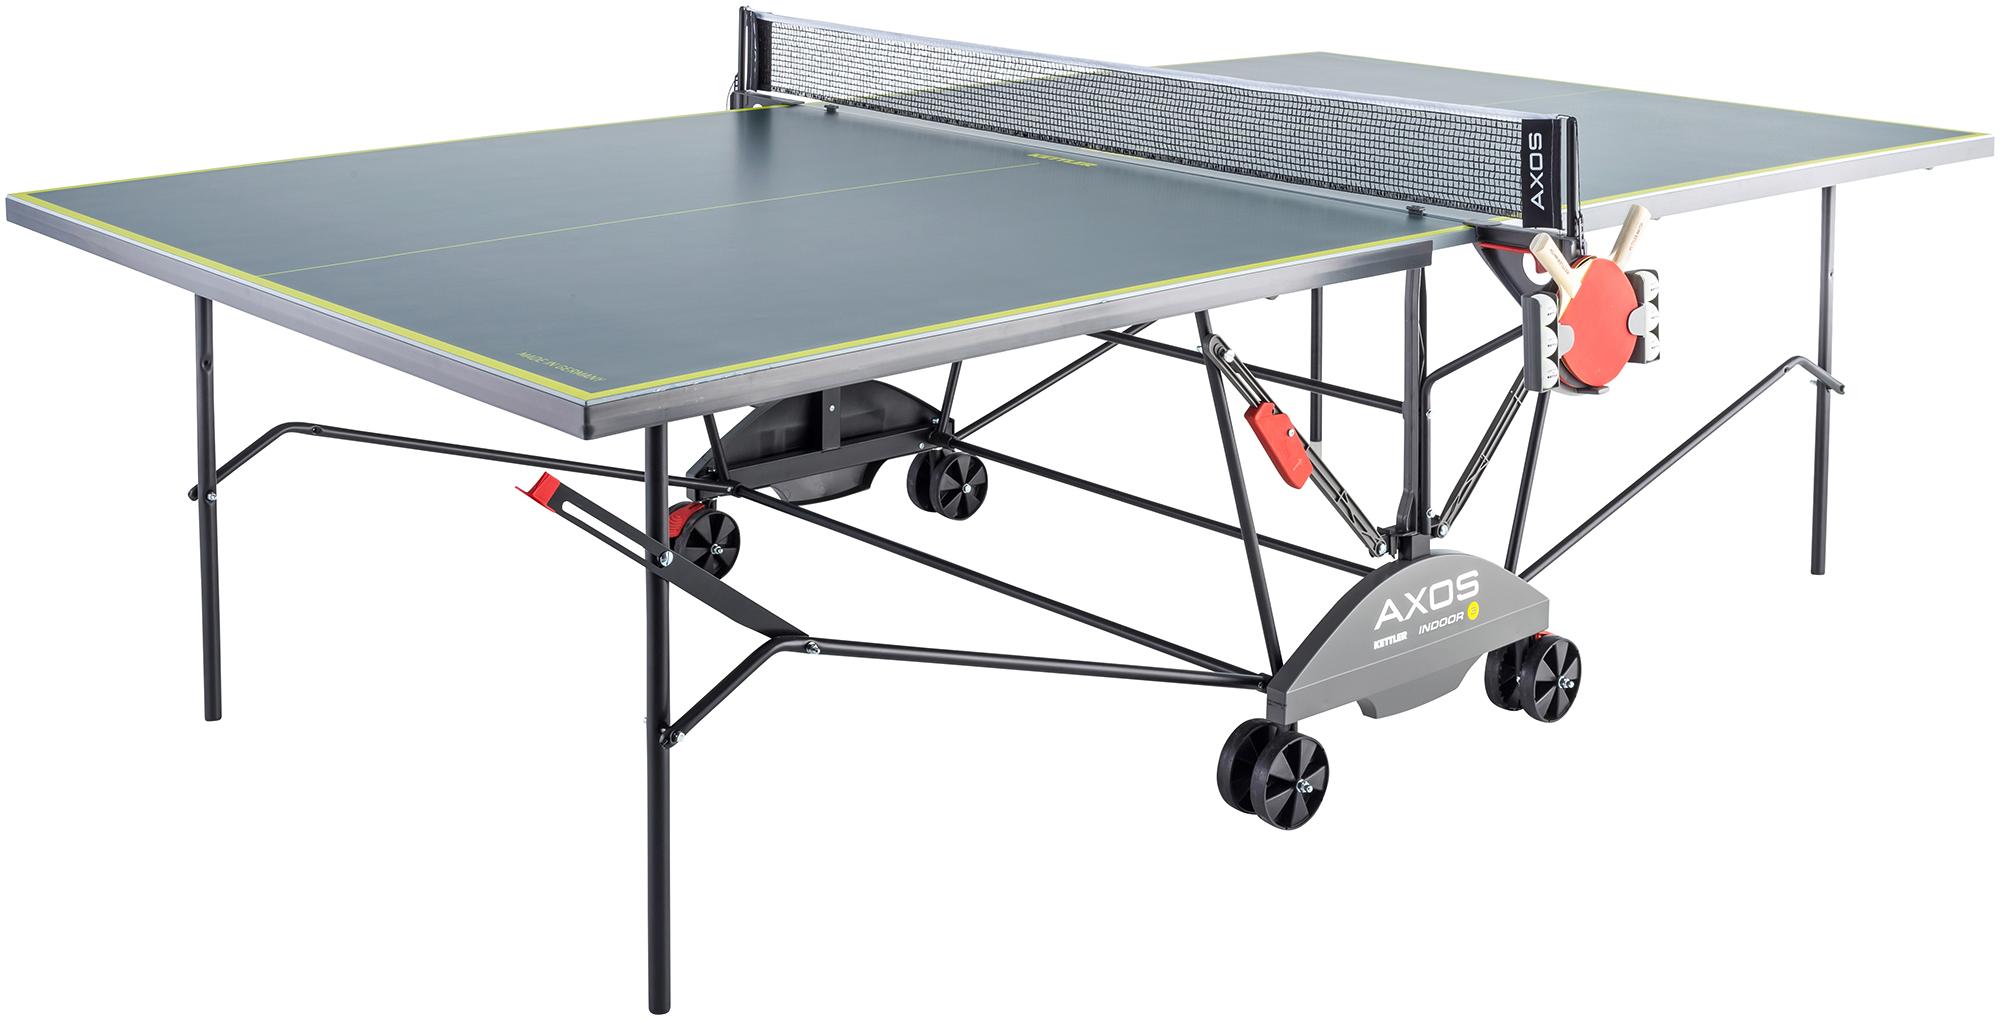 Kettler Теннисный стол для помещений Kettler Axos Indoor 3